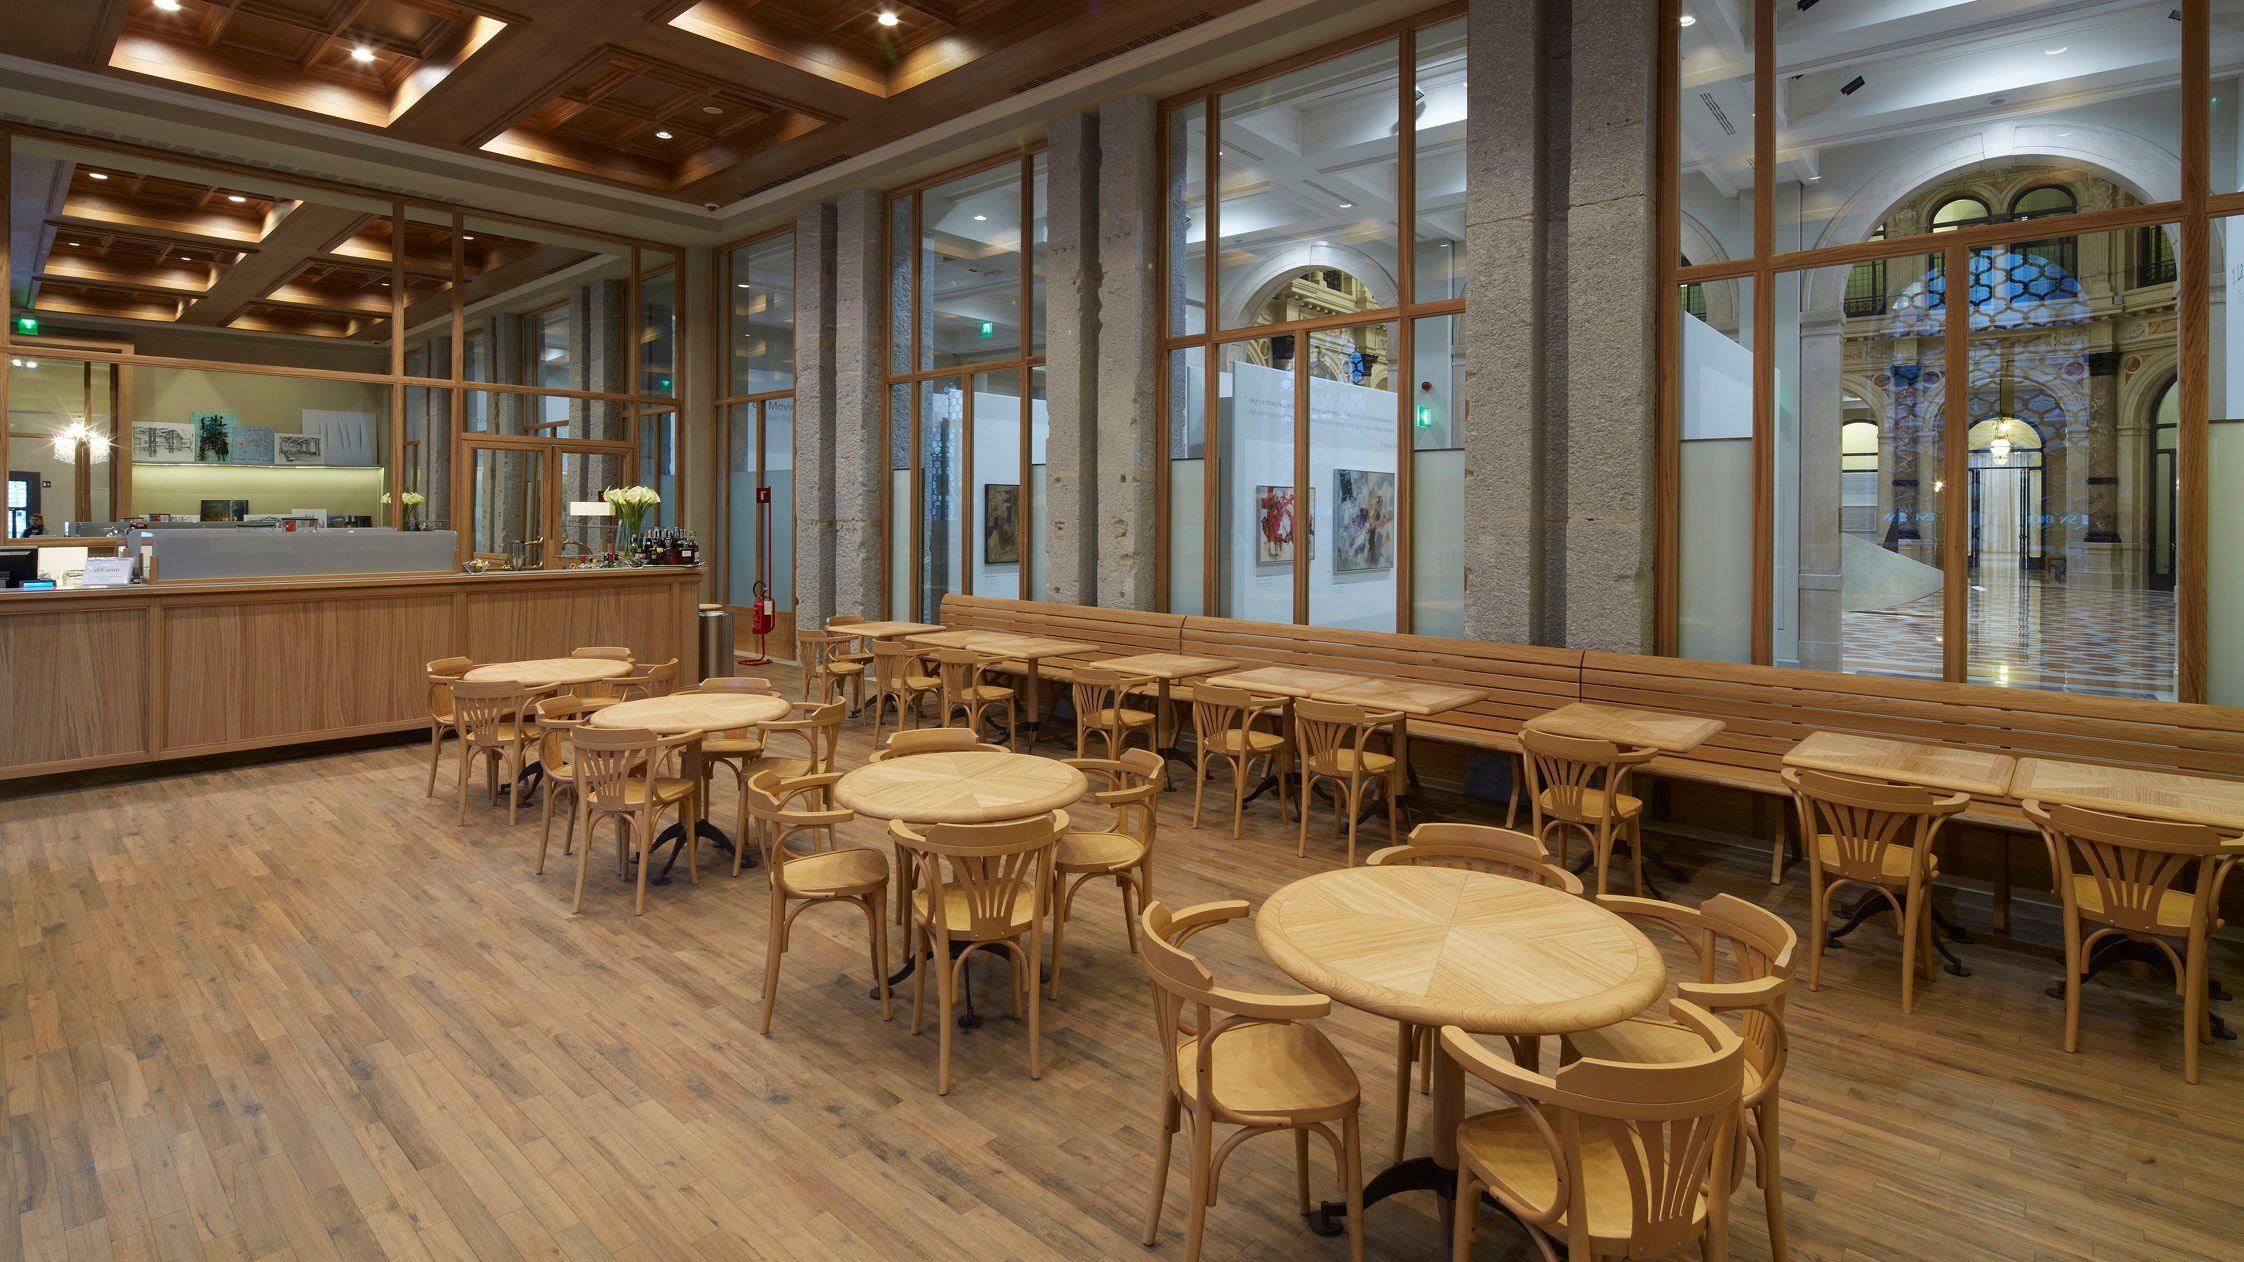 Bistrot tavolo rotondo collezione bistrot by paolo for Tavolo rotondo ristorante